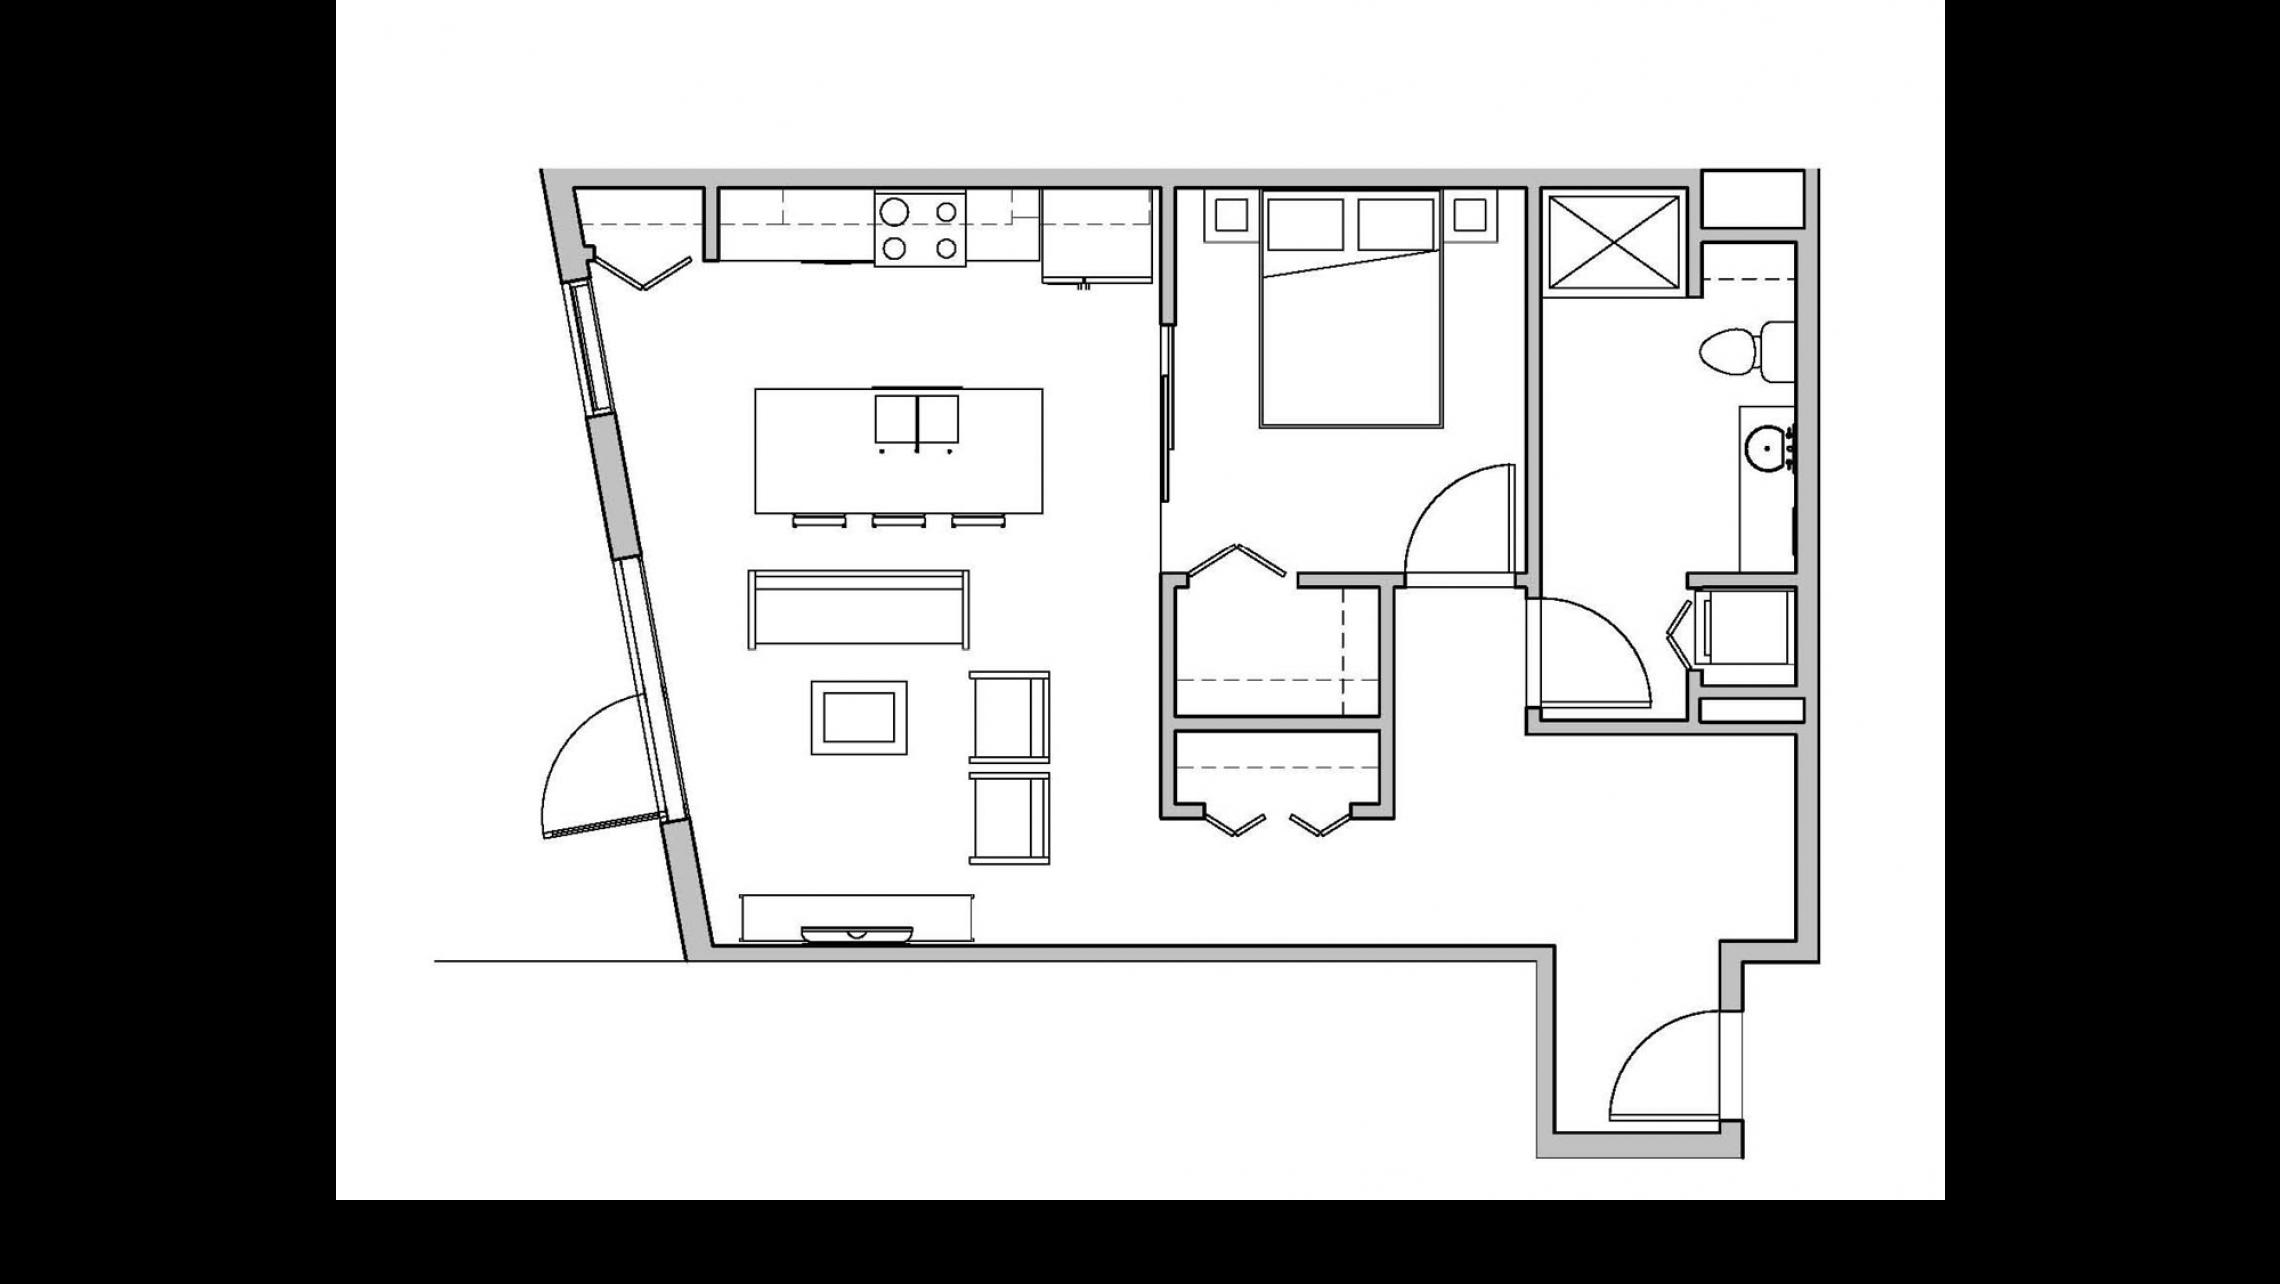 ULI Seven27 104 - One Bedroom, One Bathroom